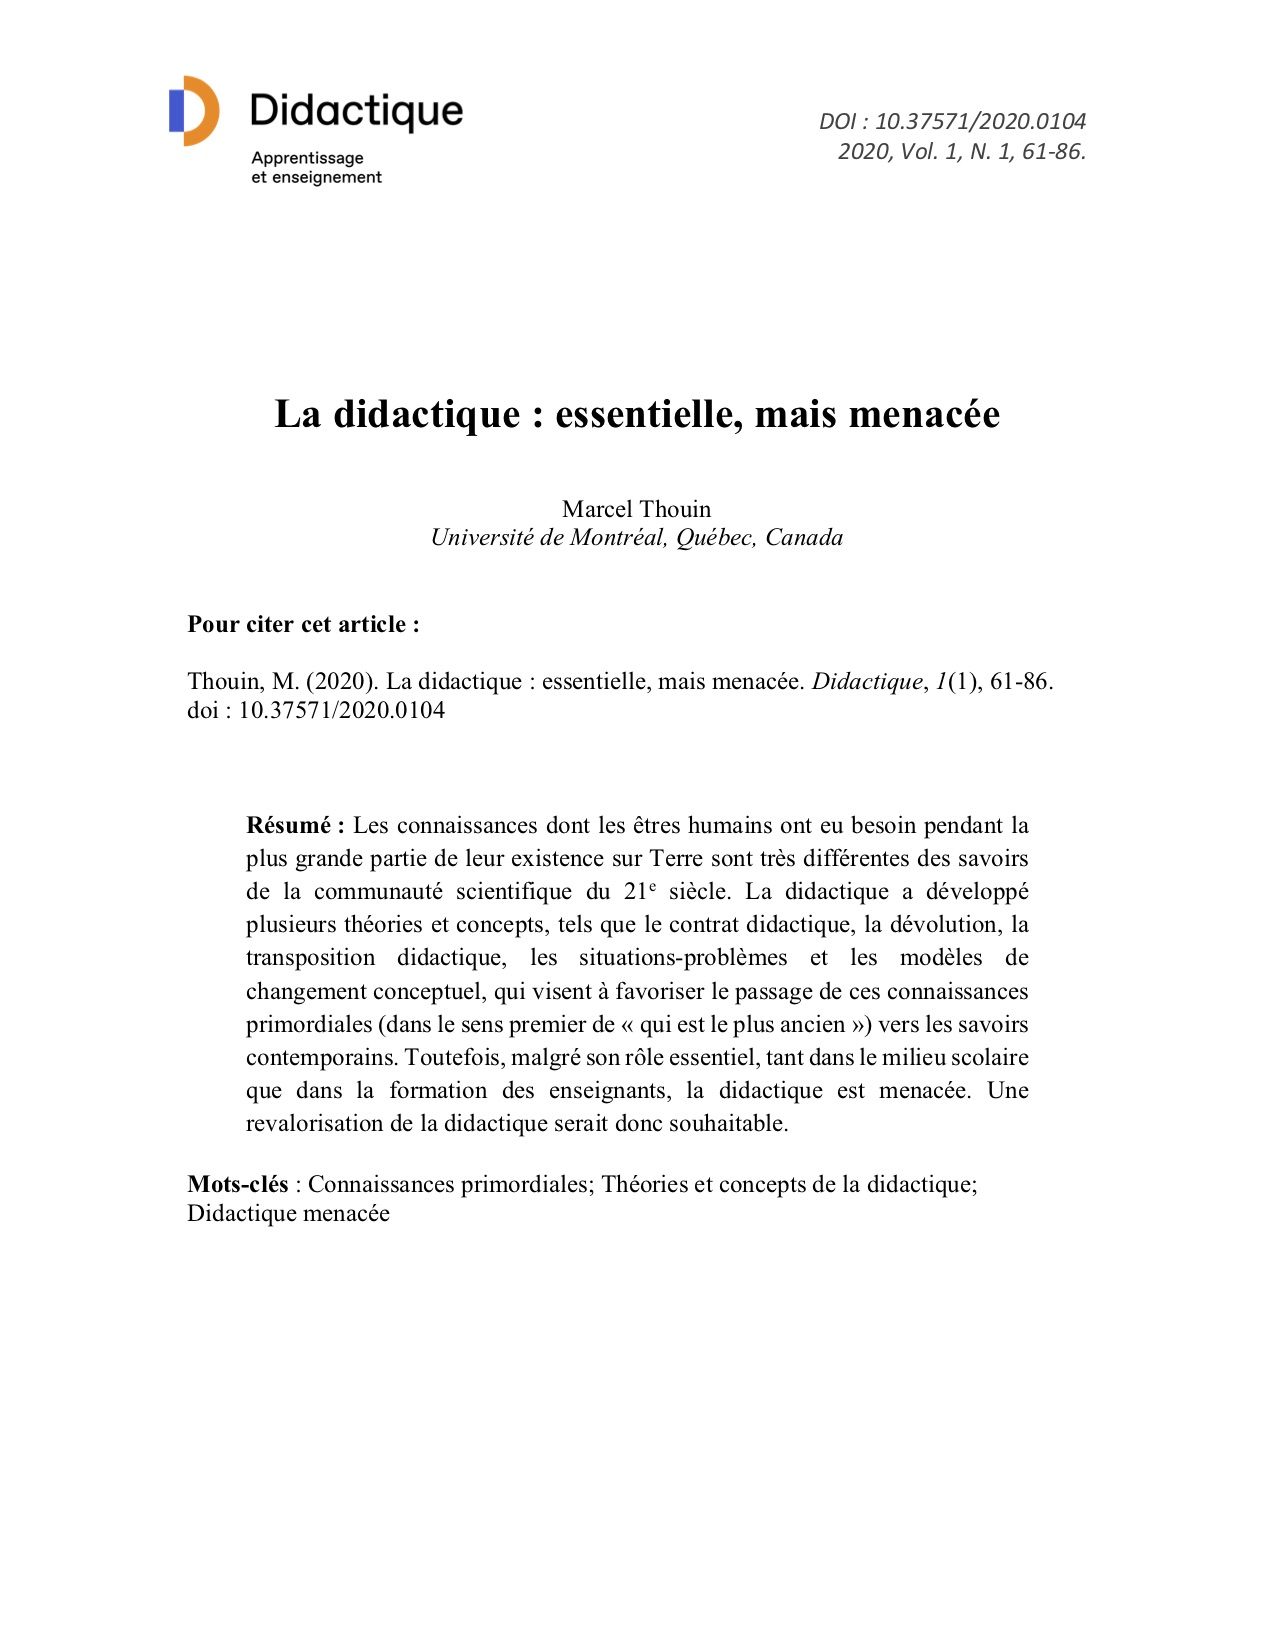 Page couverture du quatrième article